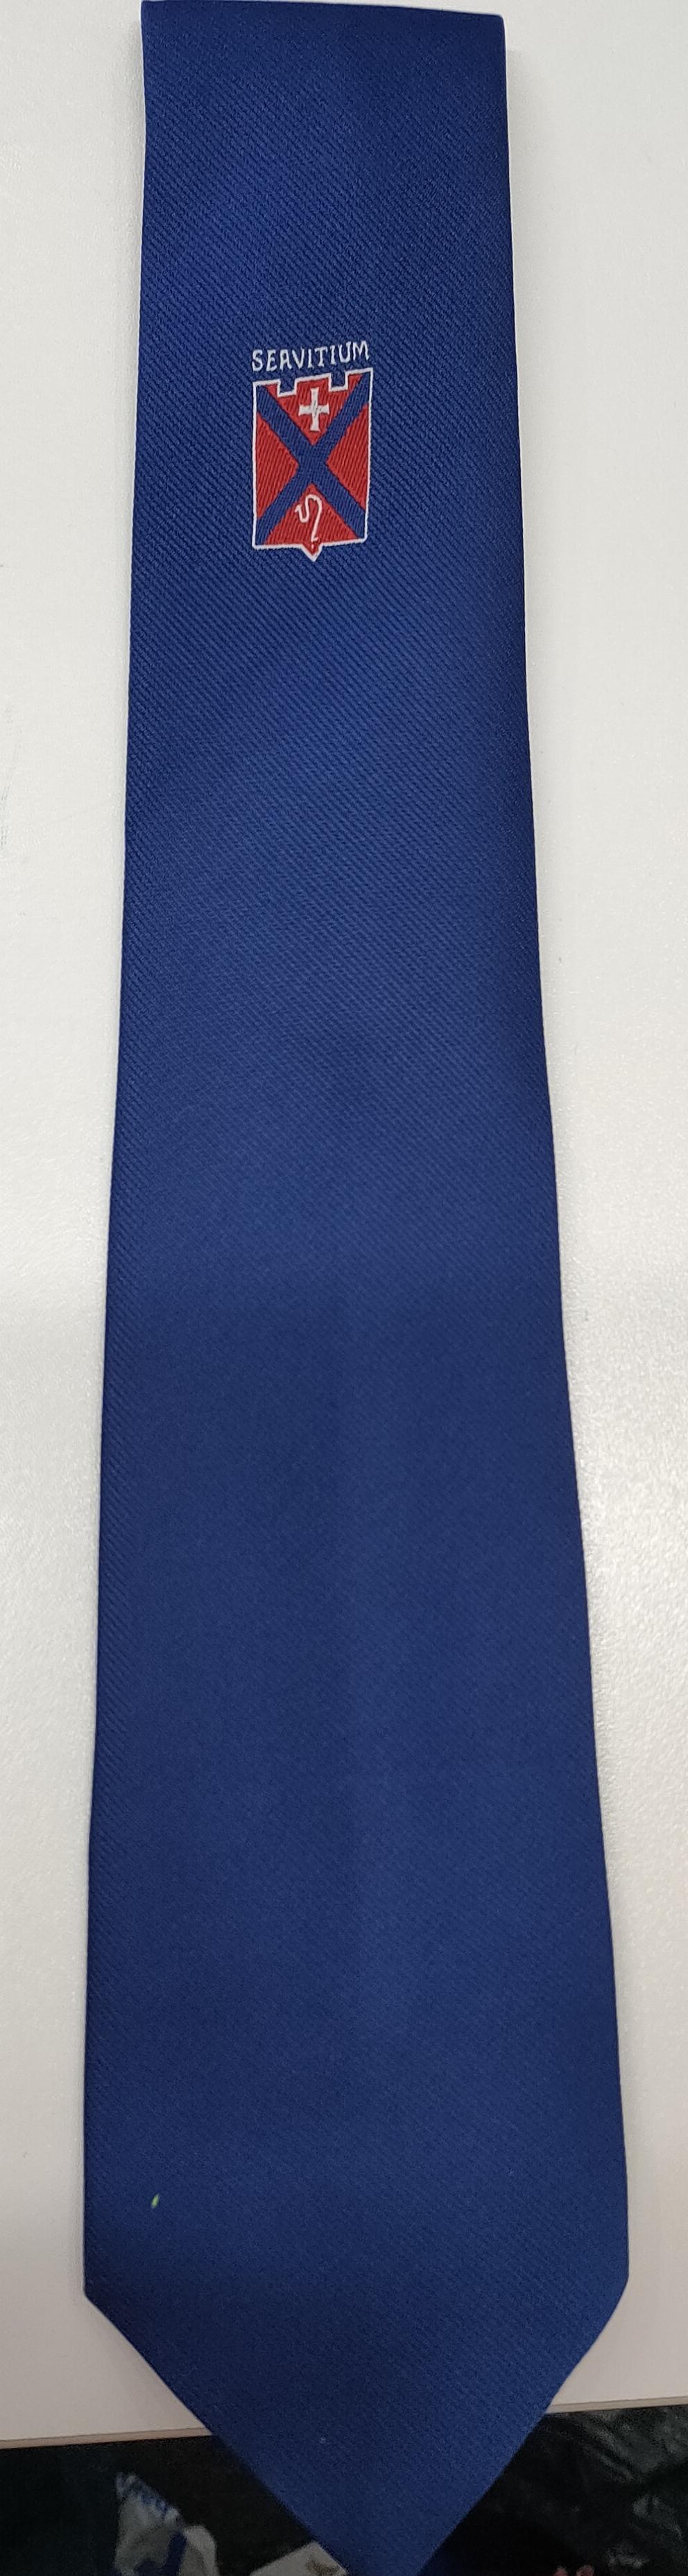 Mearns Castle High School S4 - S5  Tie (Blue)